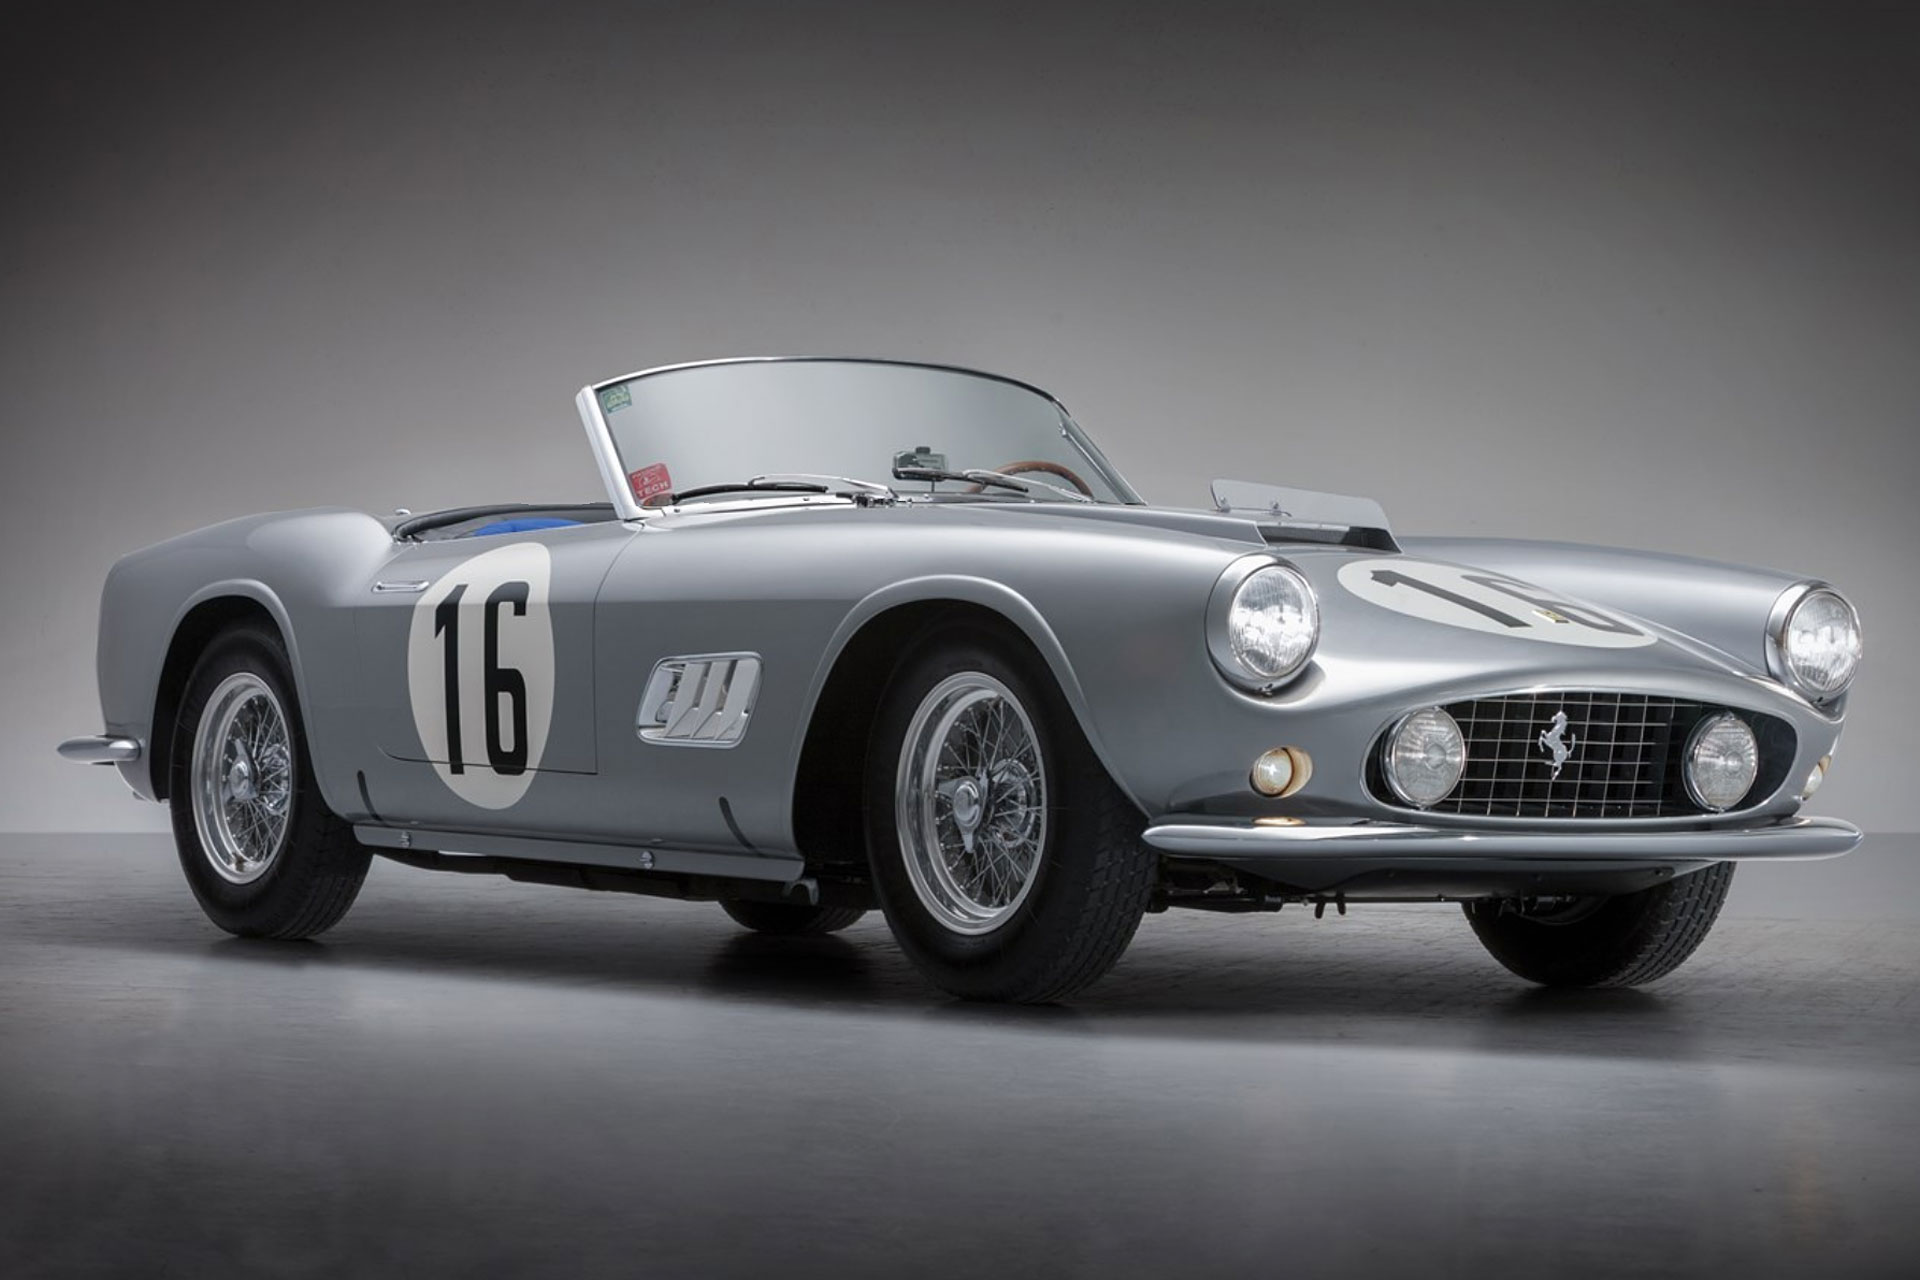 1959 Ferrari 250 GT LWB California